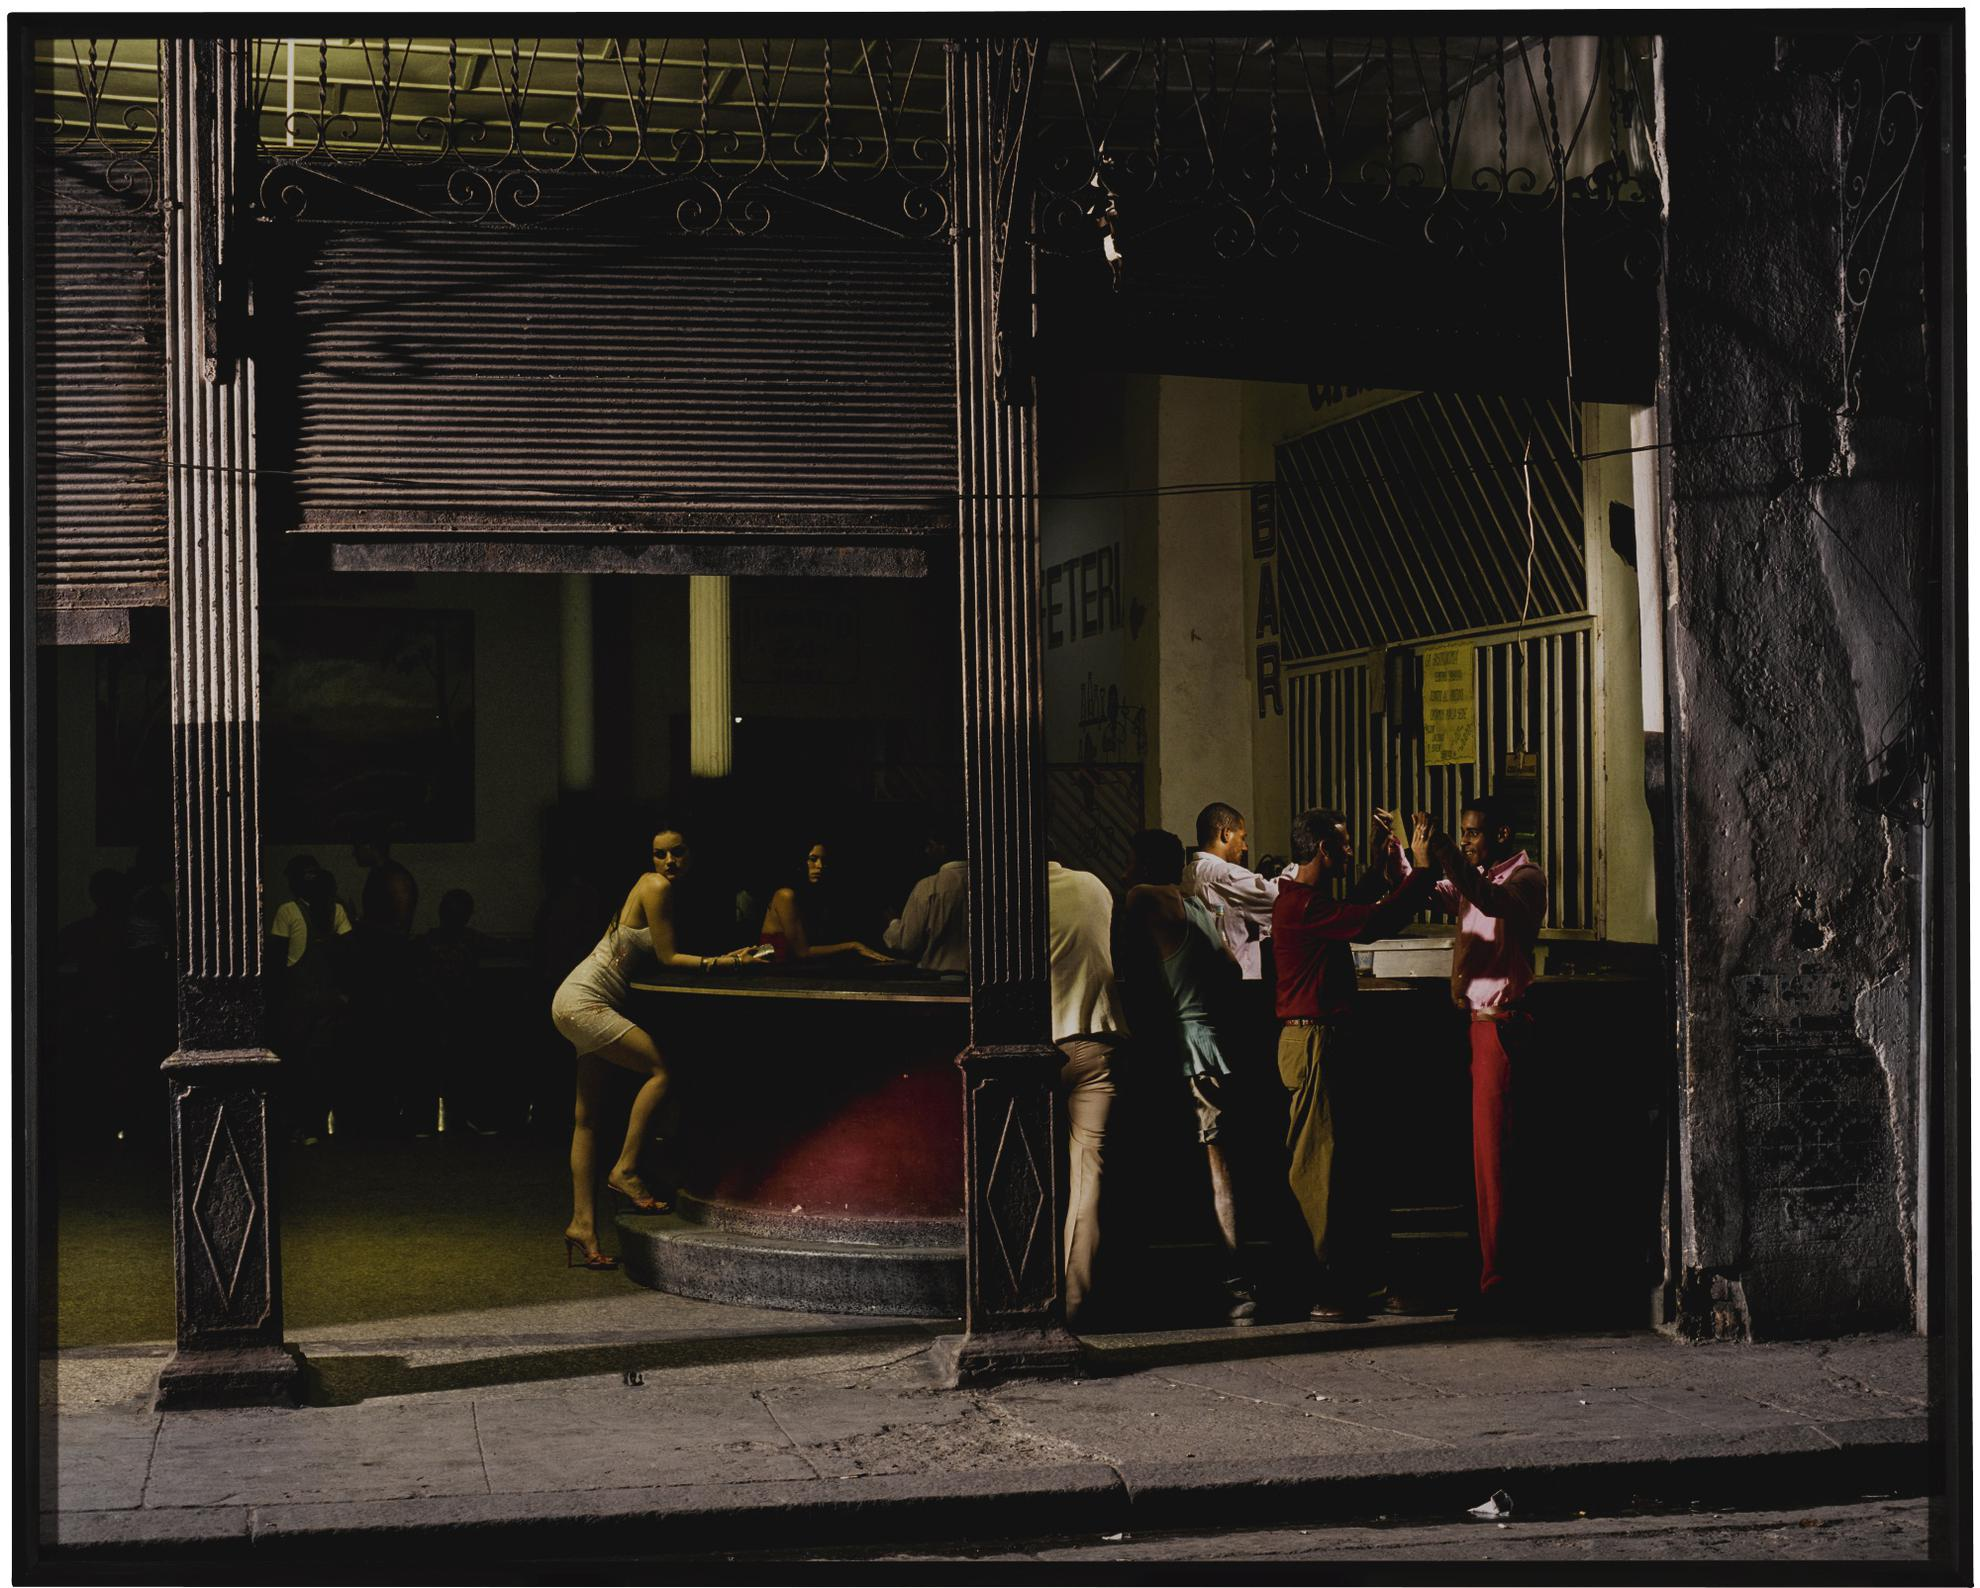 Philip-Lorca diCorcia-W, March 2000, #12-2000